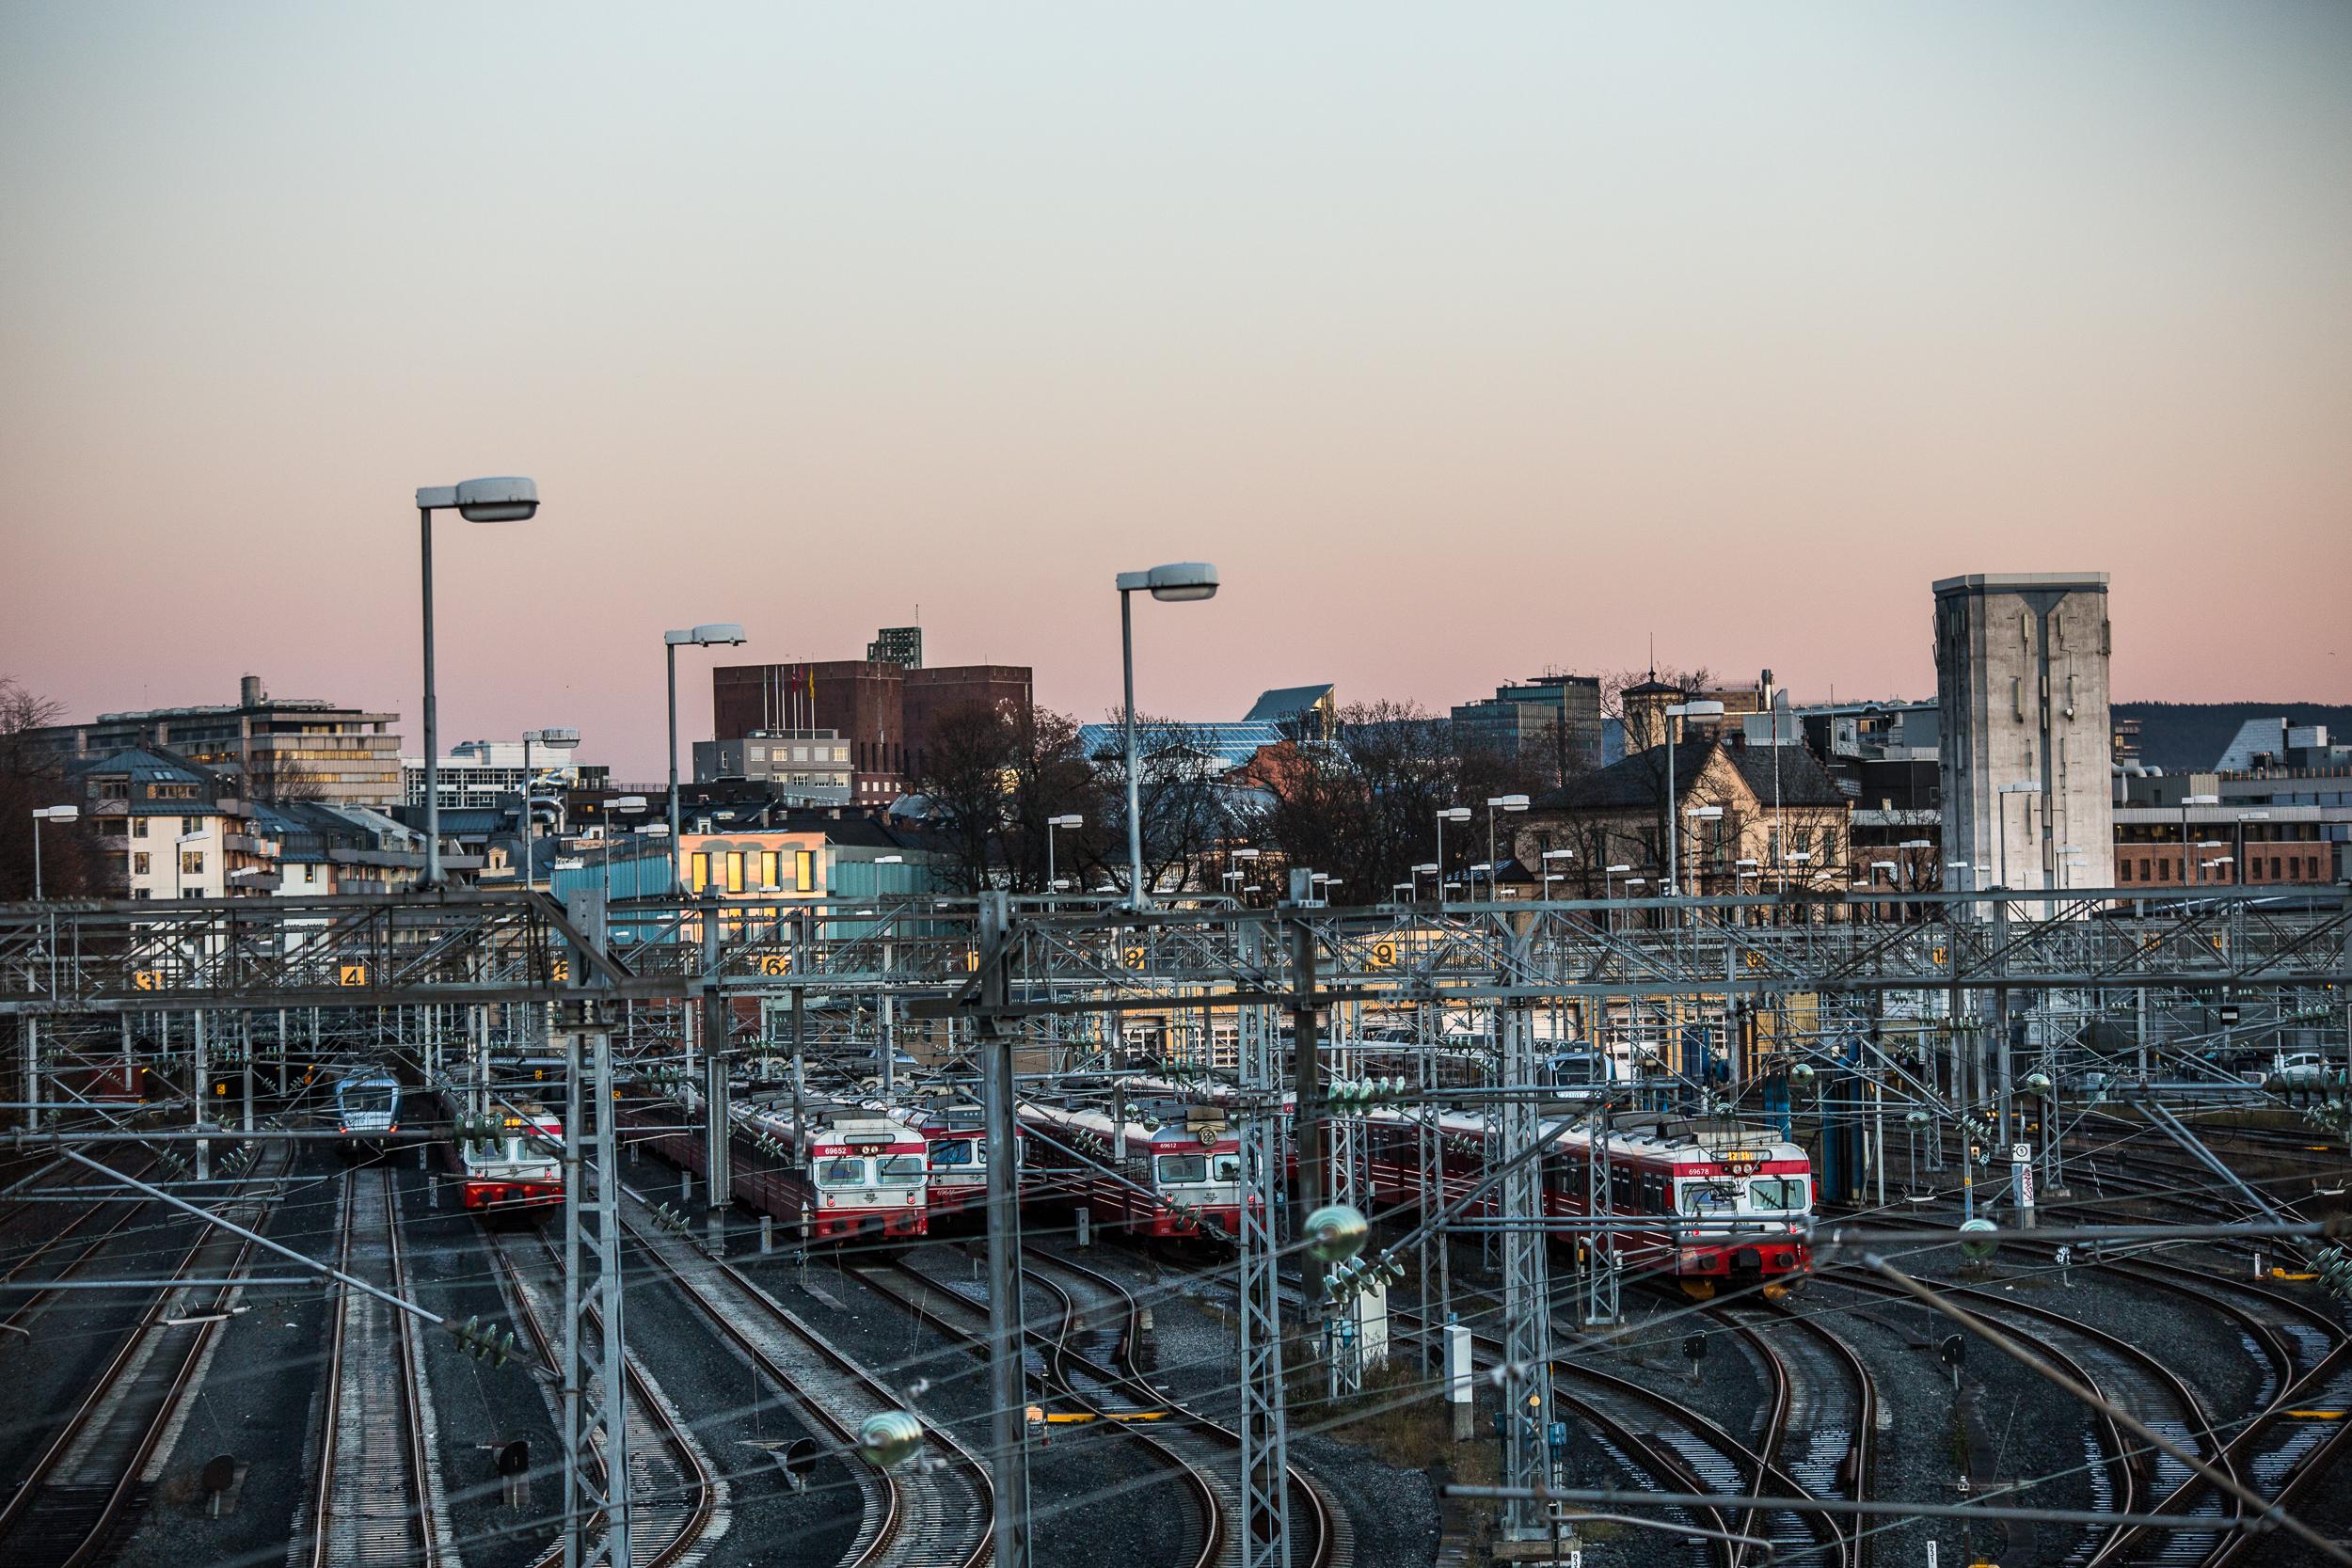 151115_fausko_oslo_skillebekk_cityscape_solnedgang-3.jpg